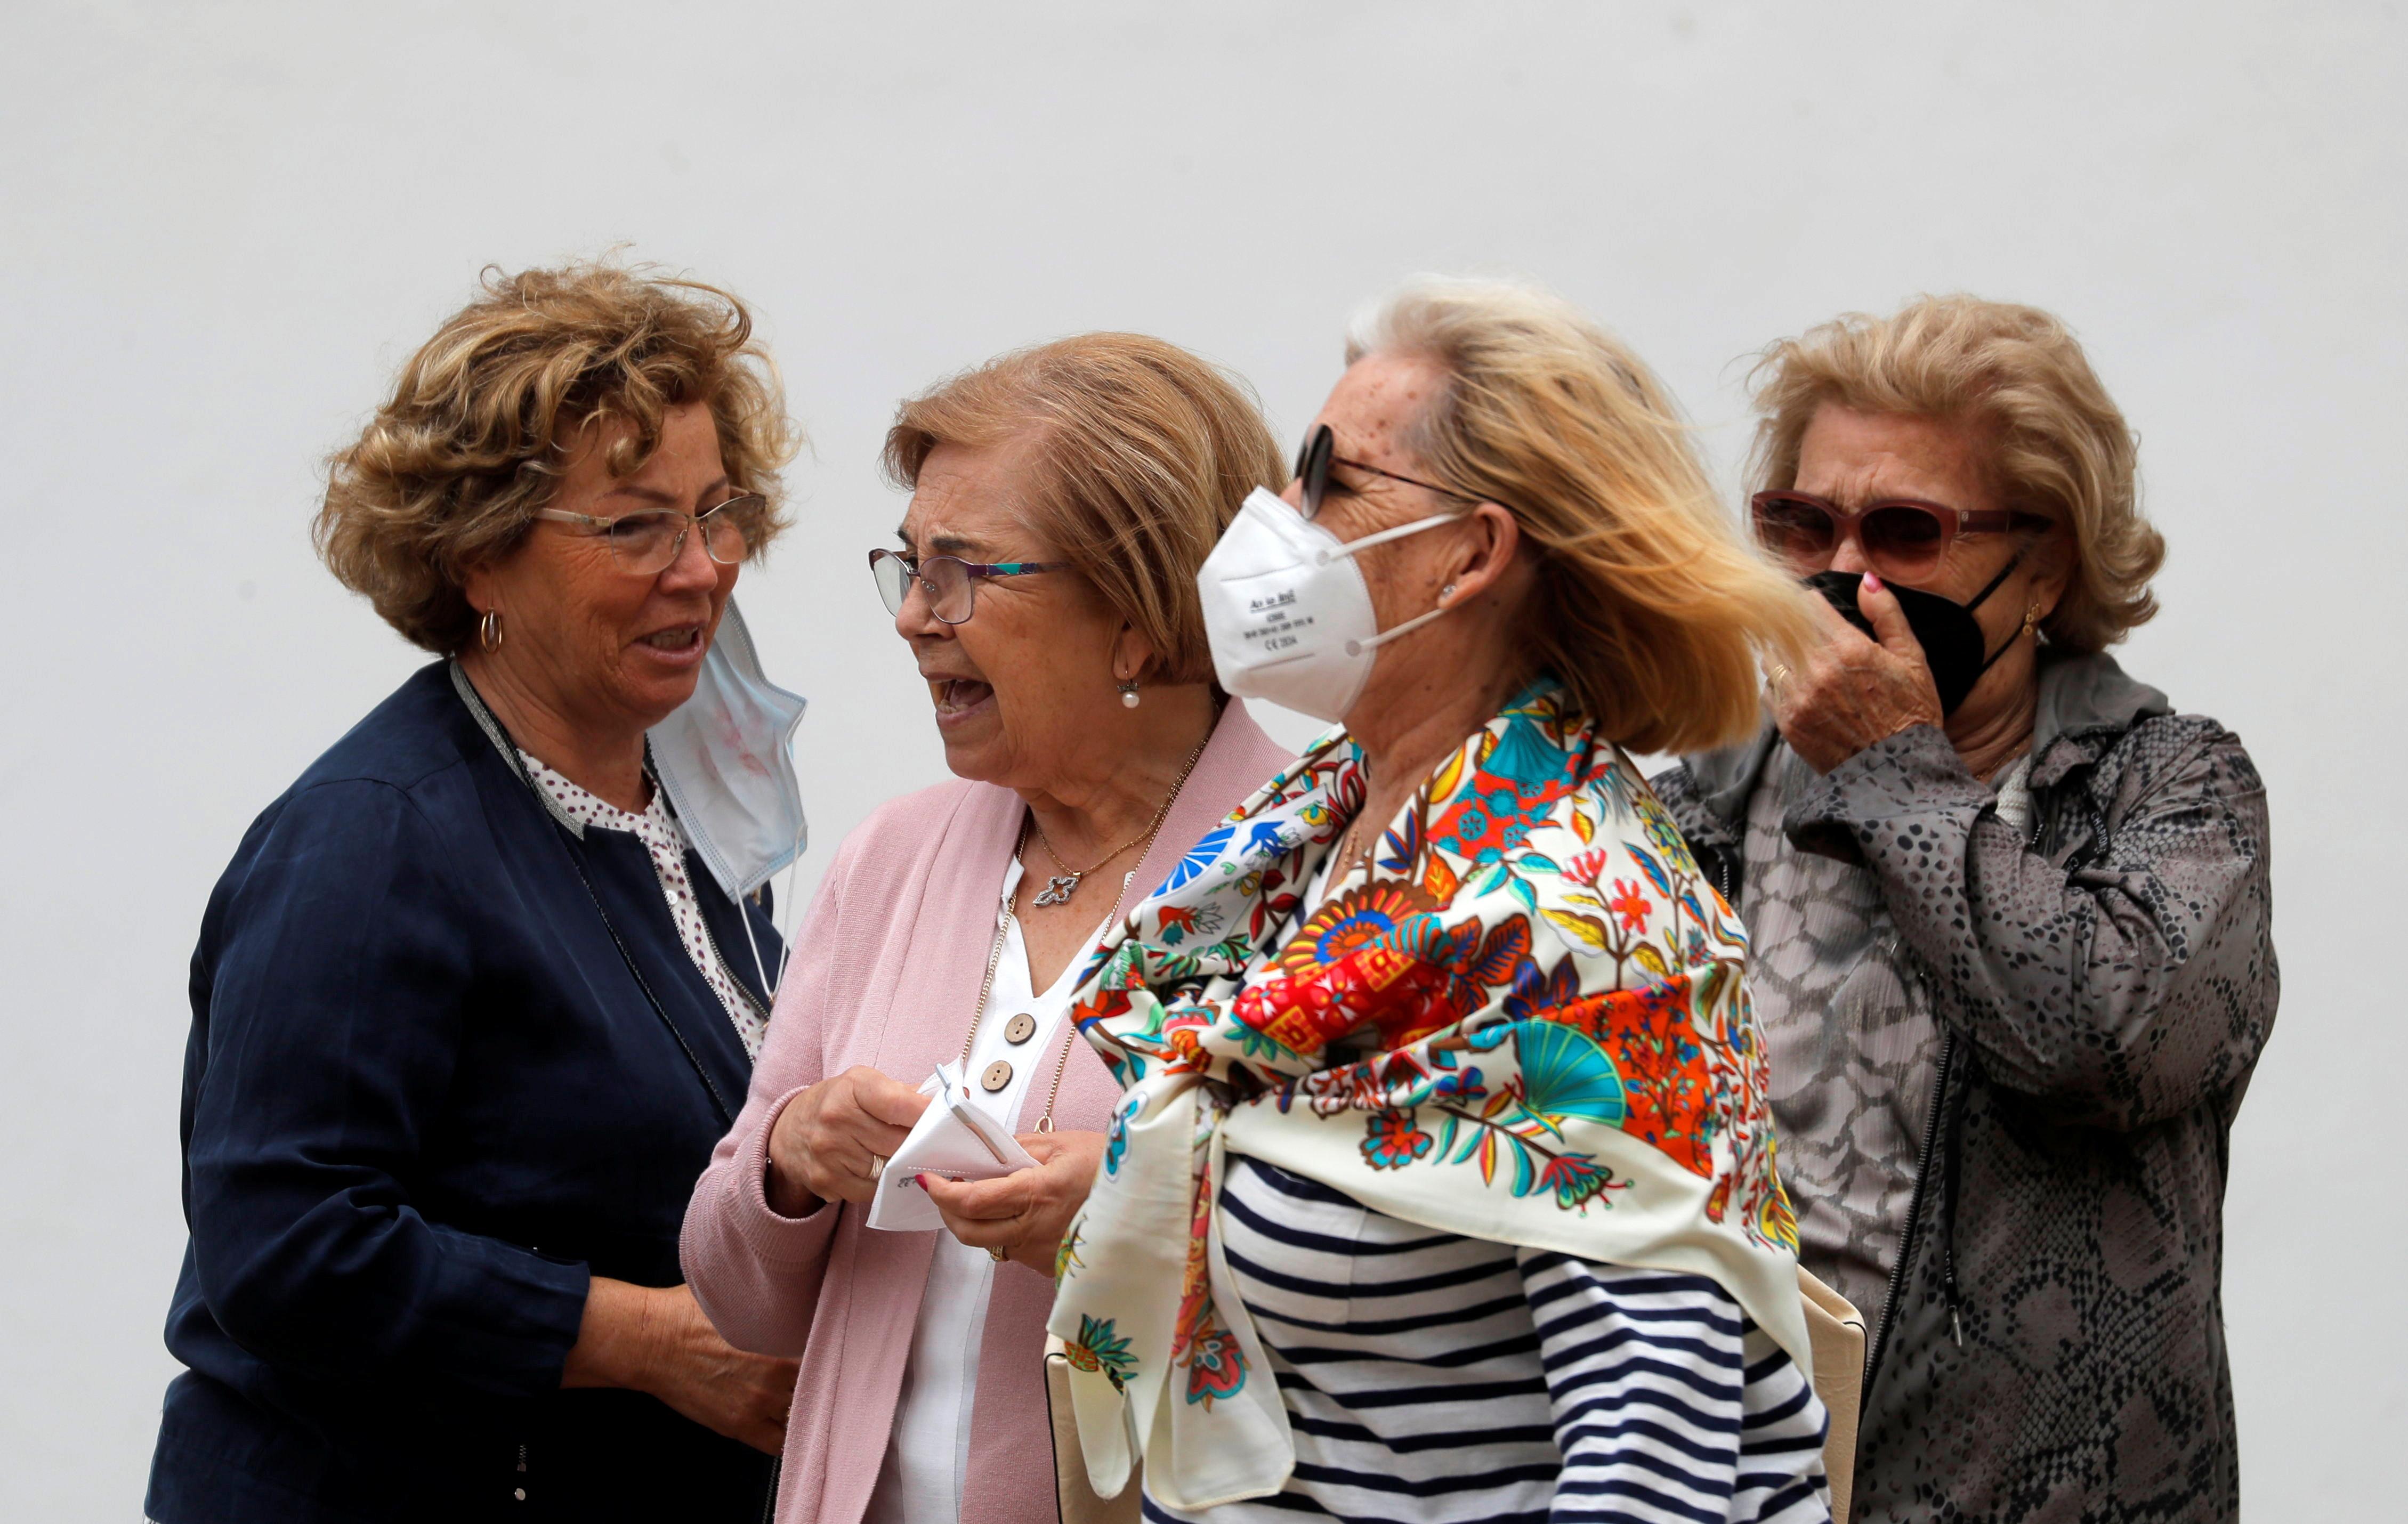 Іспанські туристи знімають захисні маски після того, як сфотографували статую тореадора біля арени для кориди, після того, як прем'єр-міністр Іспанії Педро Санчес заявив у п'ятницю про скасування загального зобов'язання носити маски на відкритому повітрі з 26 червня на тлі коронавірусної хвороби (COVID -19) пандемія, в Ронді, Іспанія, 18 червня 2021 р. REUTERS / Jon Nazca